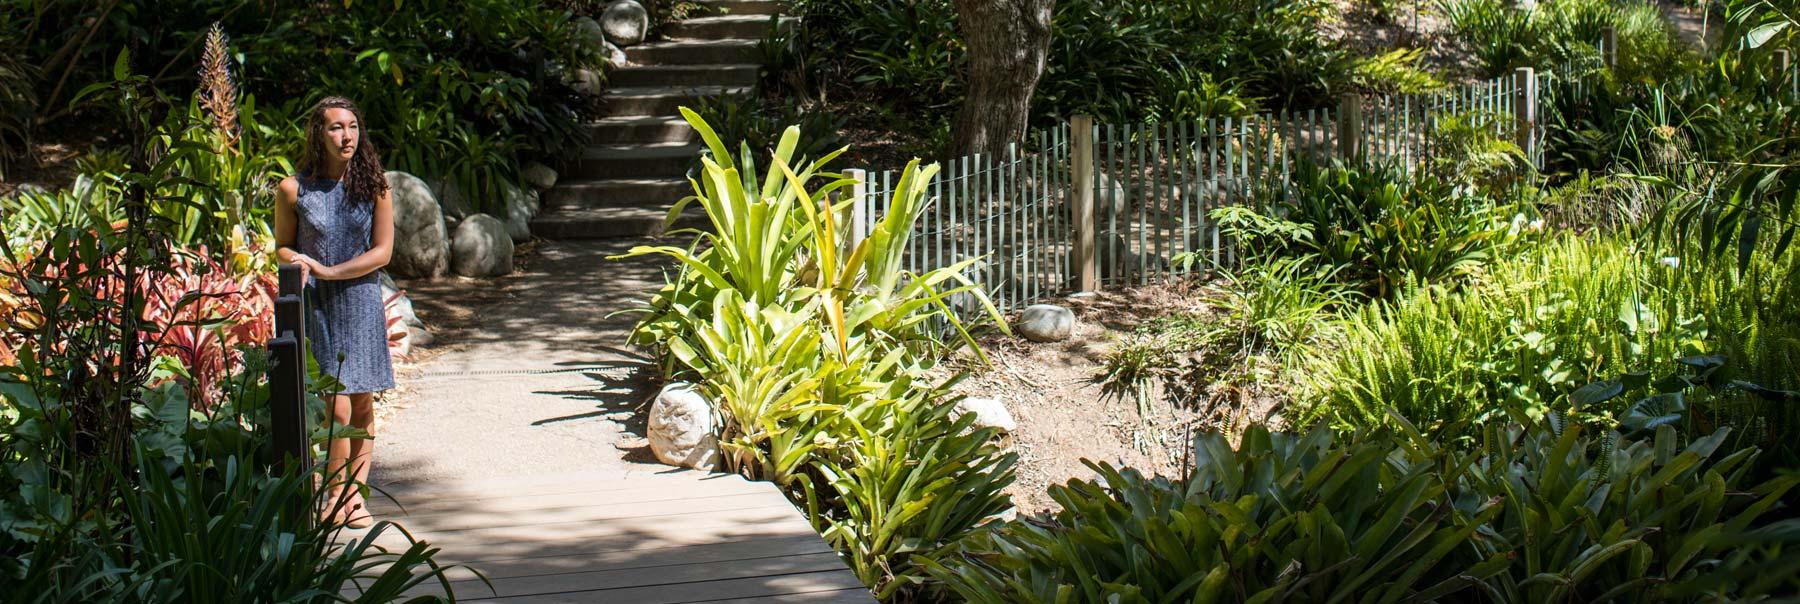 Kristen Choi in a garden